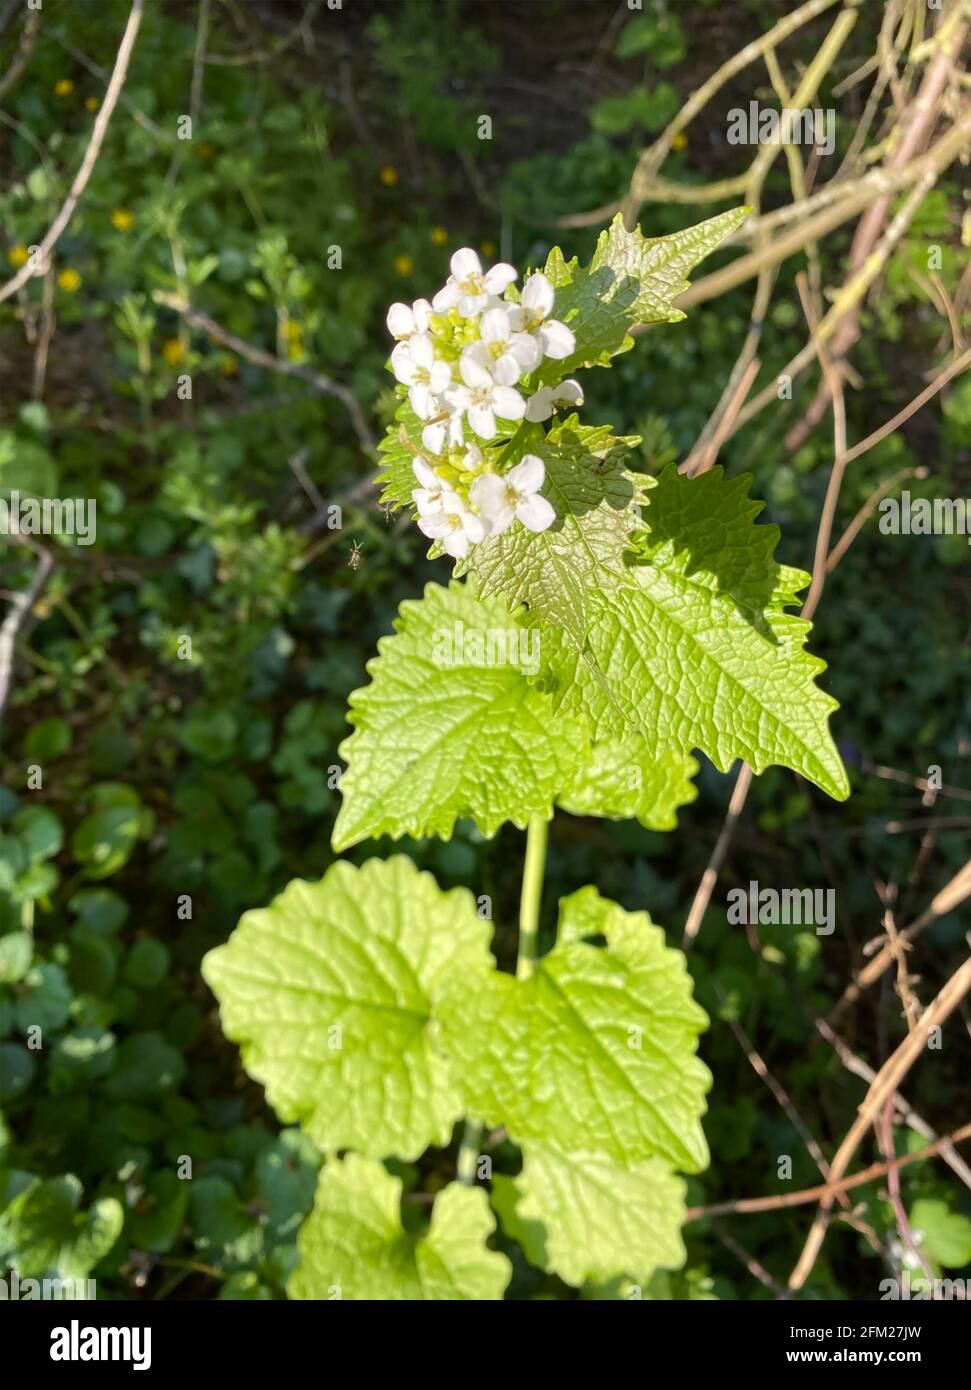 HEDGE AIL Alliaria petiolata plante bisannuelle dans la famille de la moutarde. Photo : Tony Gale Banque D'Images